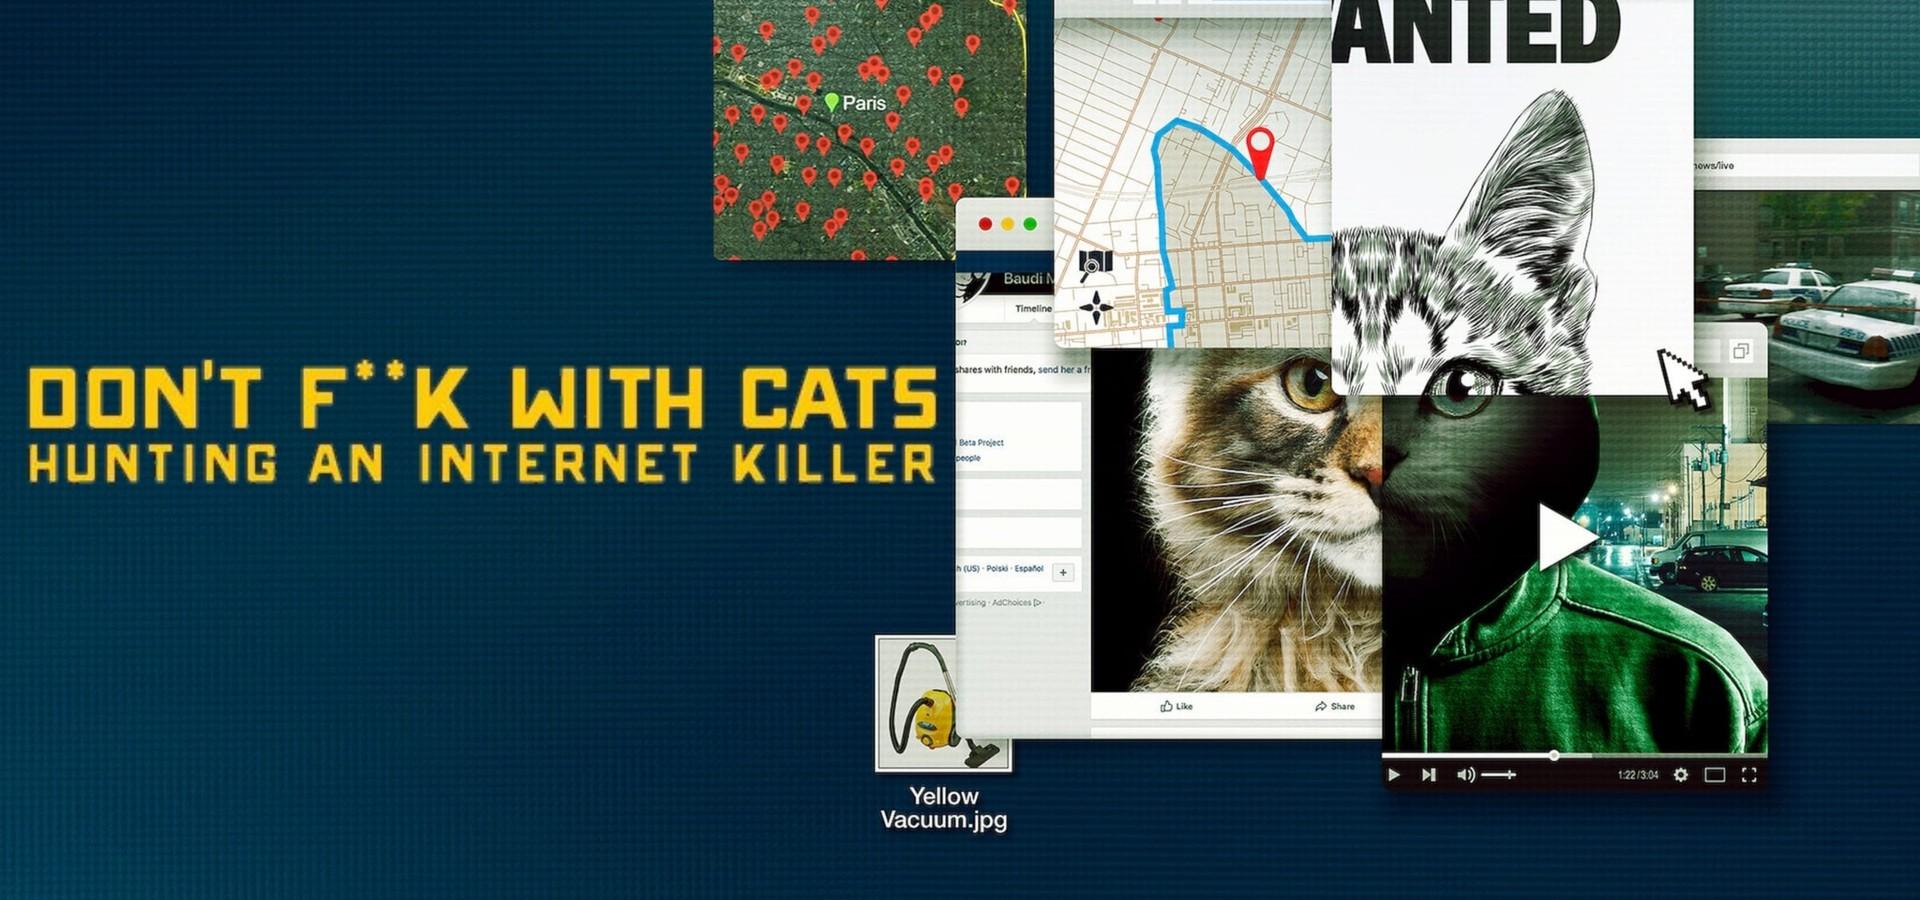 고양이는 건드리지 마라: 인터넷 킬러 사냥